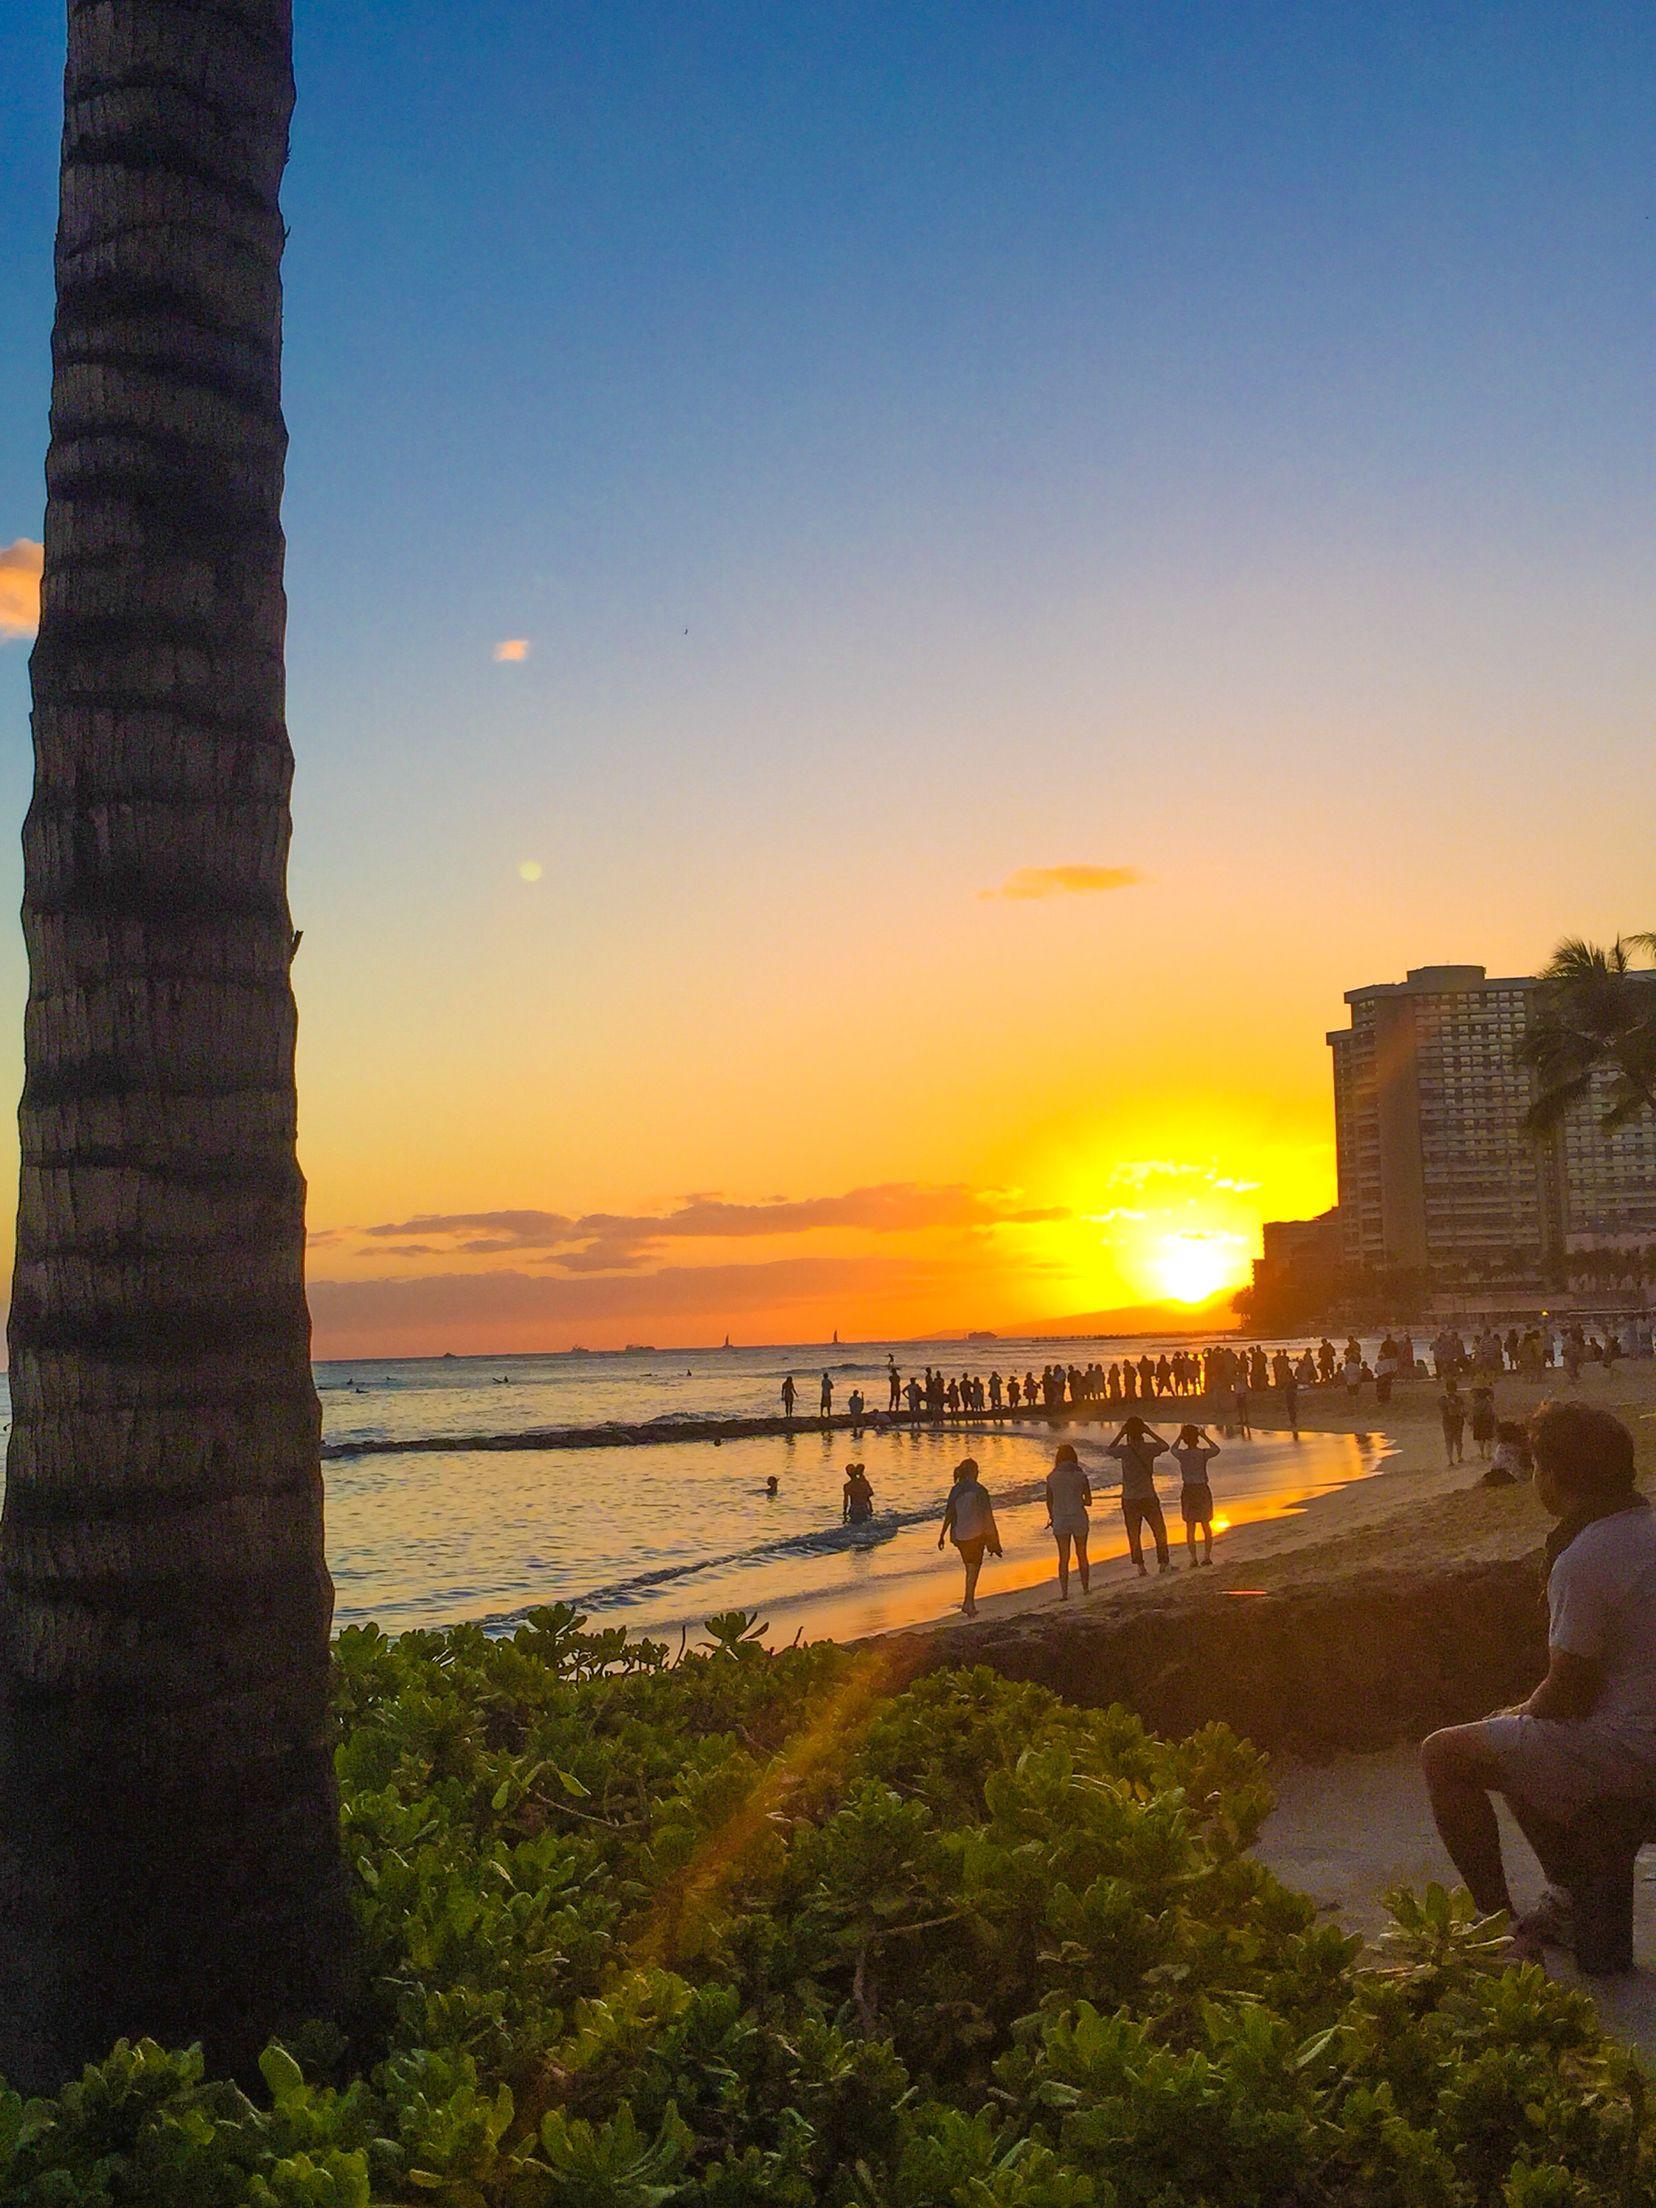 Sungazing at waikiki beach hawaiui true to nature pinterest